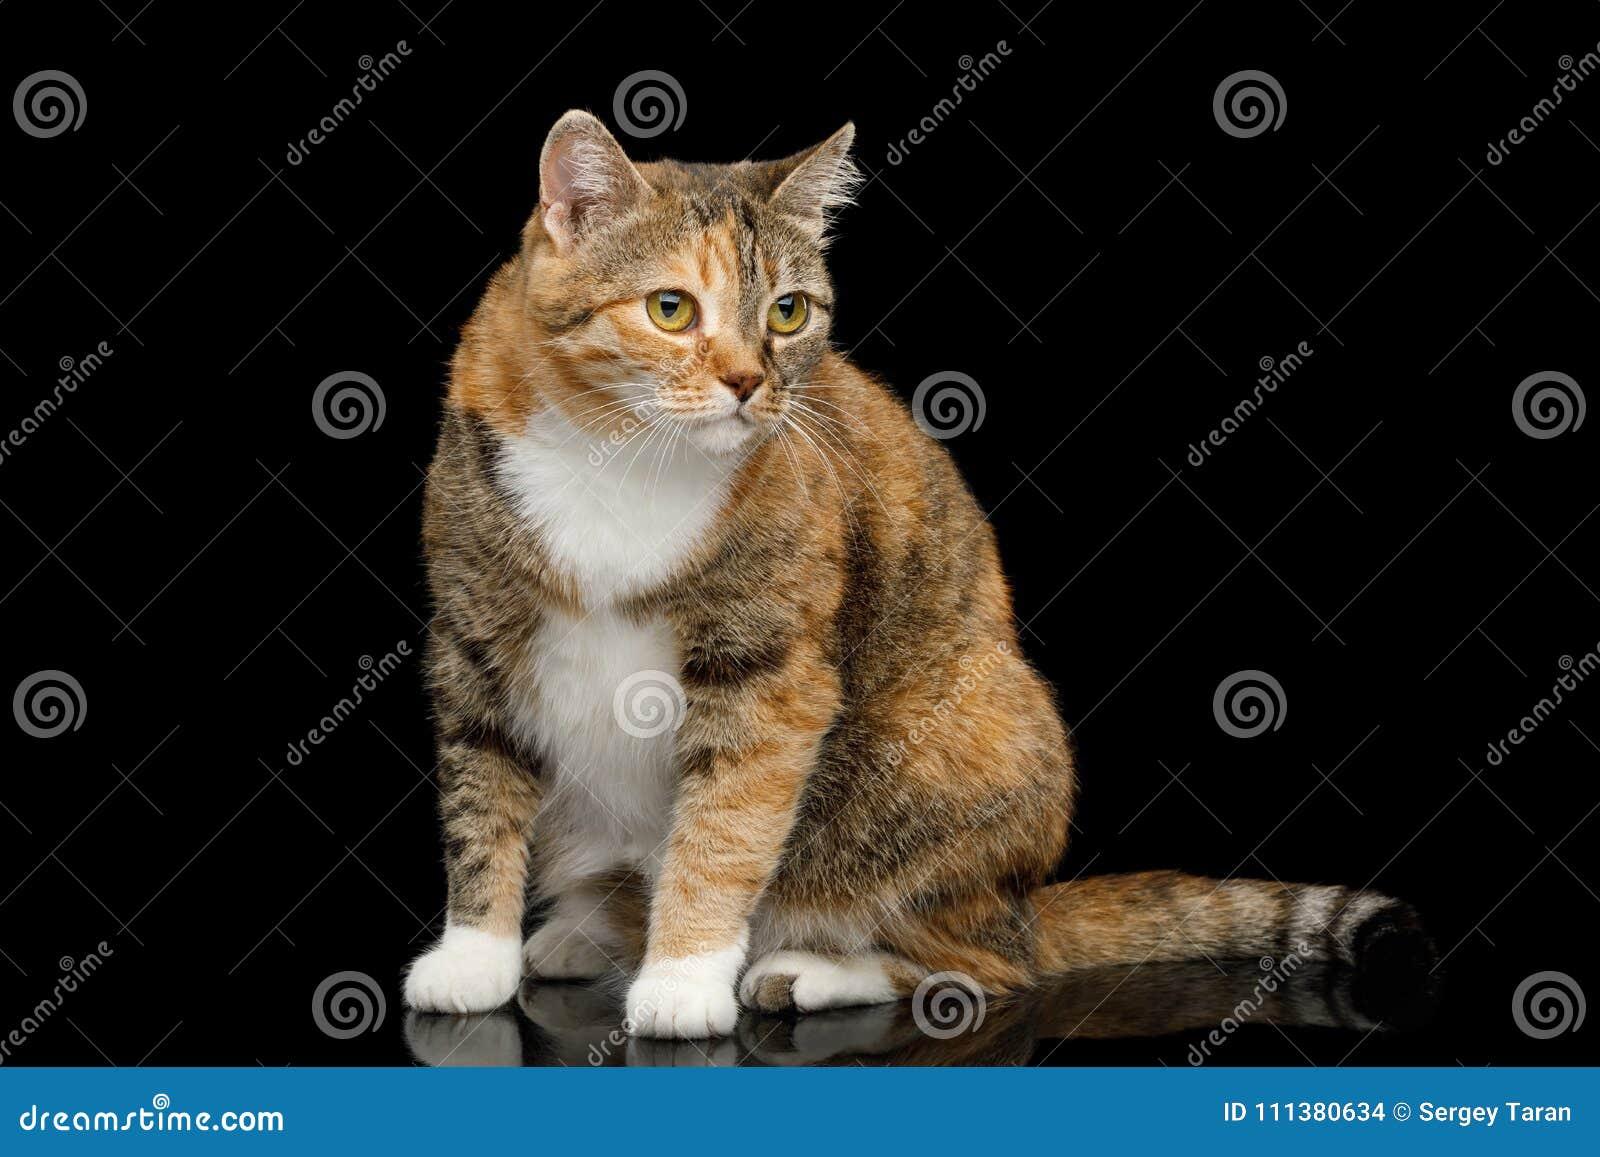 Ginger Calico Cat gordo no fundo preto isolado